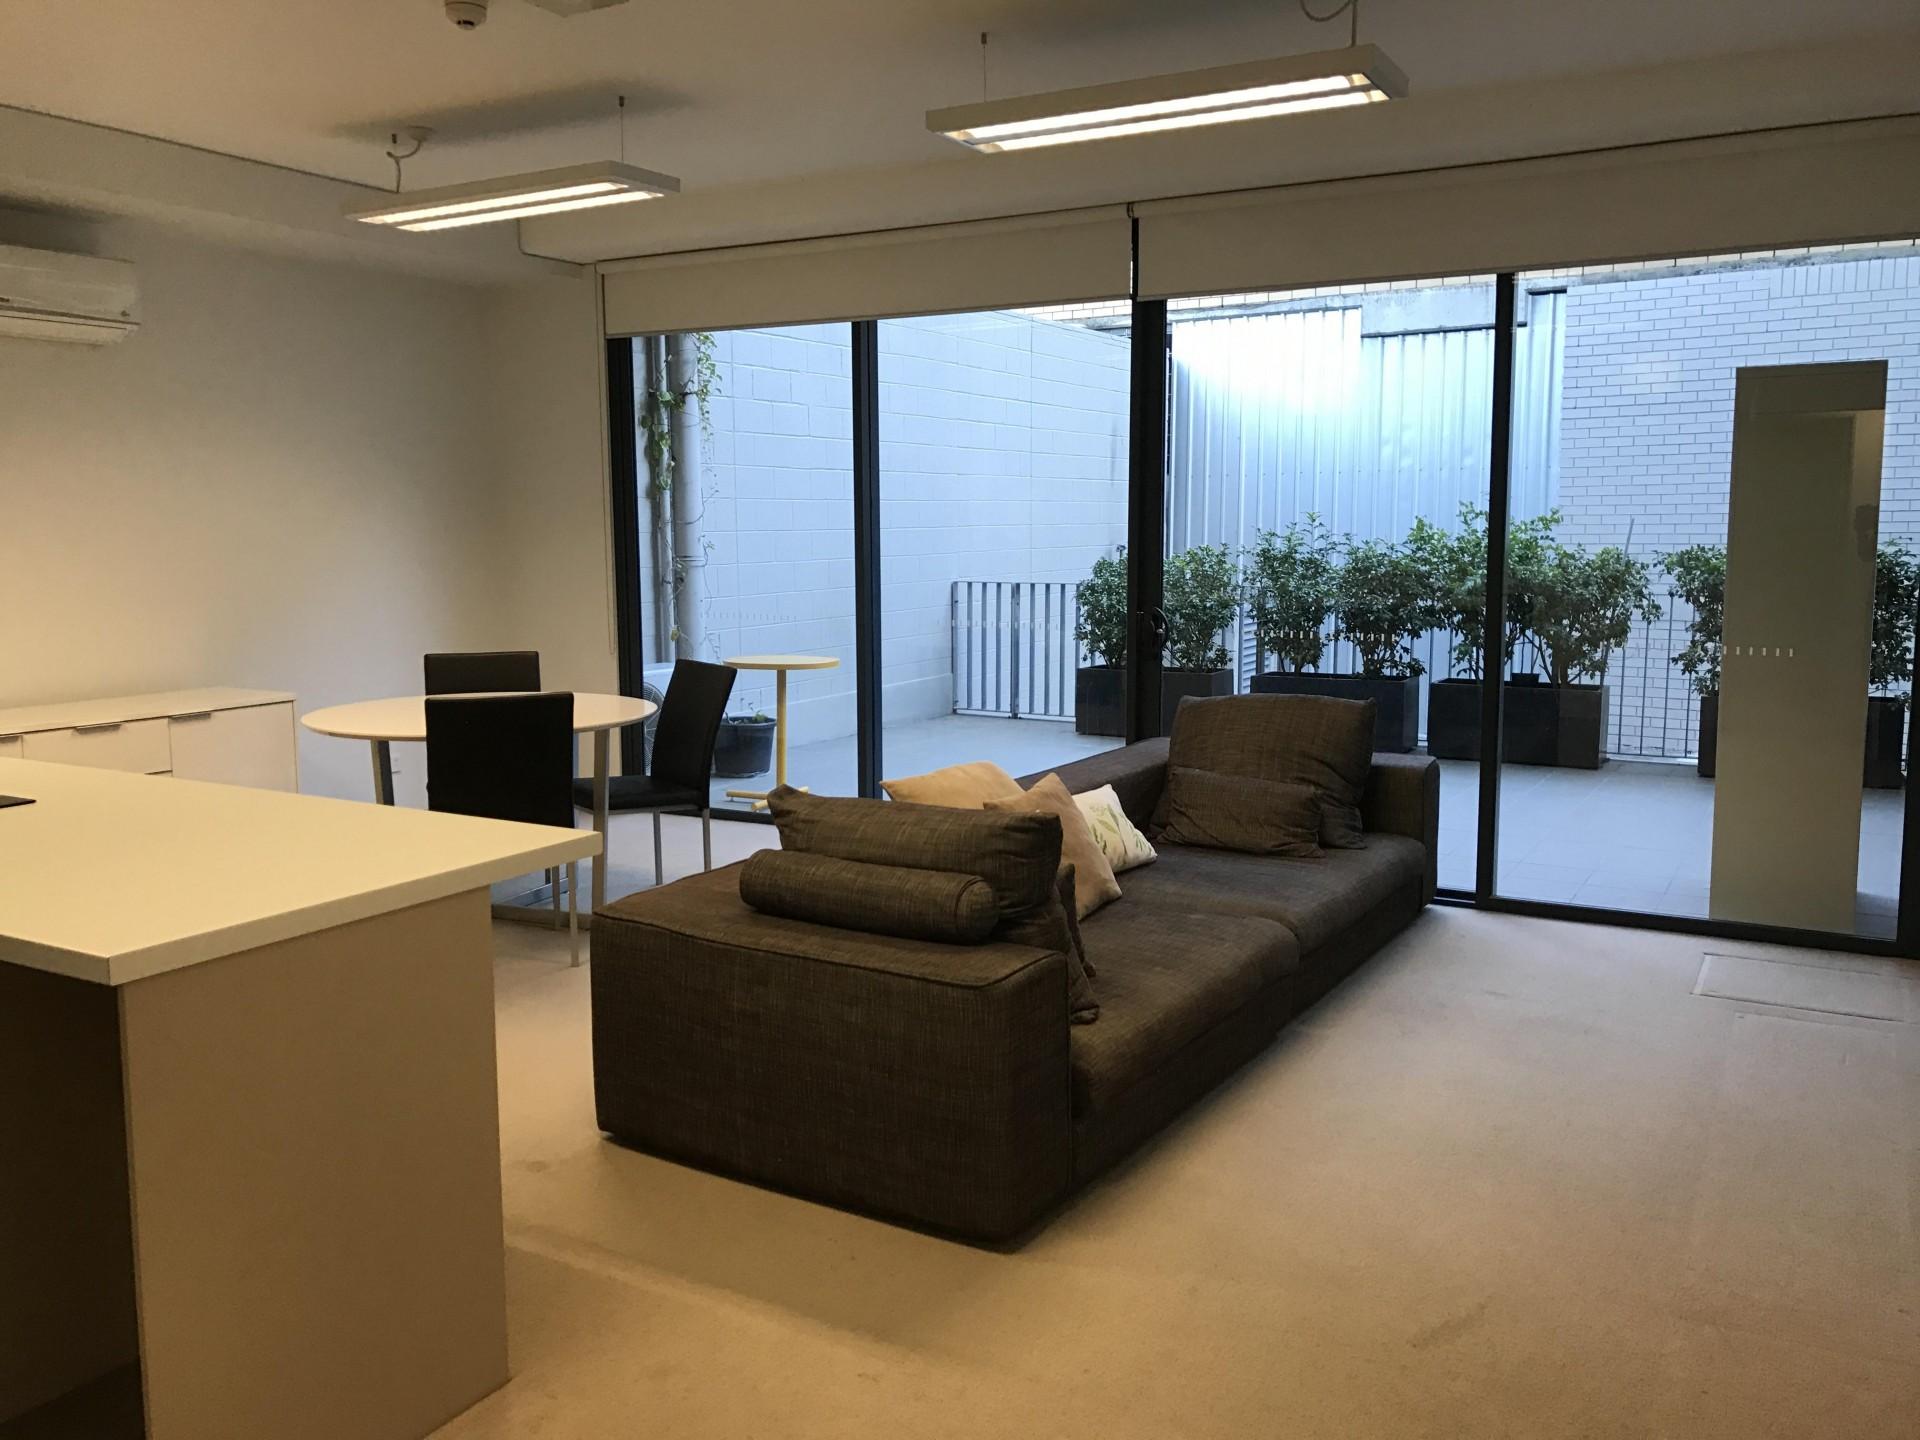 203 77 jurgens street woolloongabba queensland 4102 - 2 bedroom units for rent brisbane ...